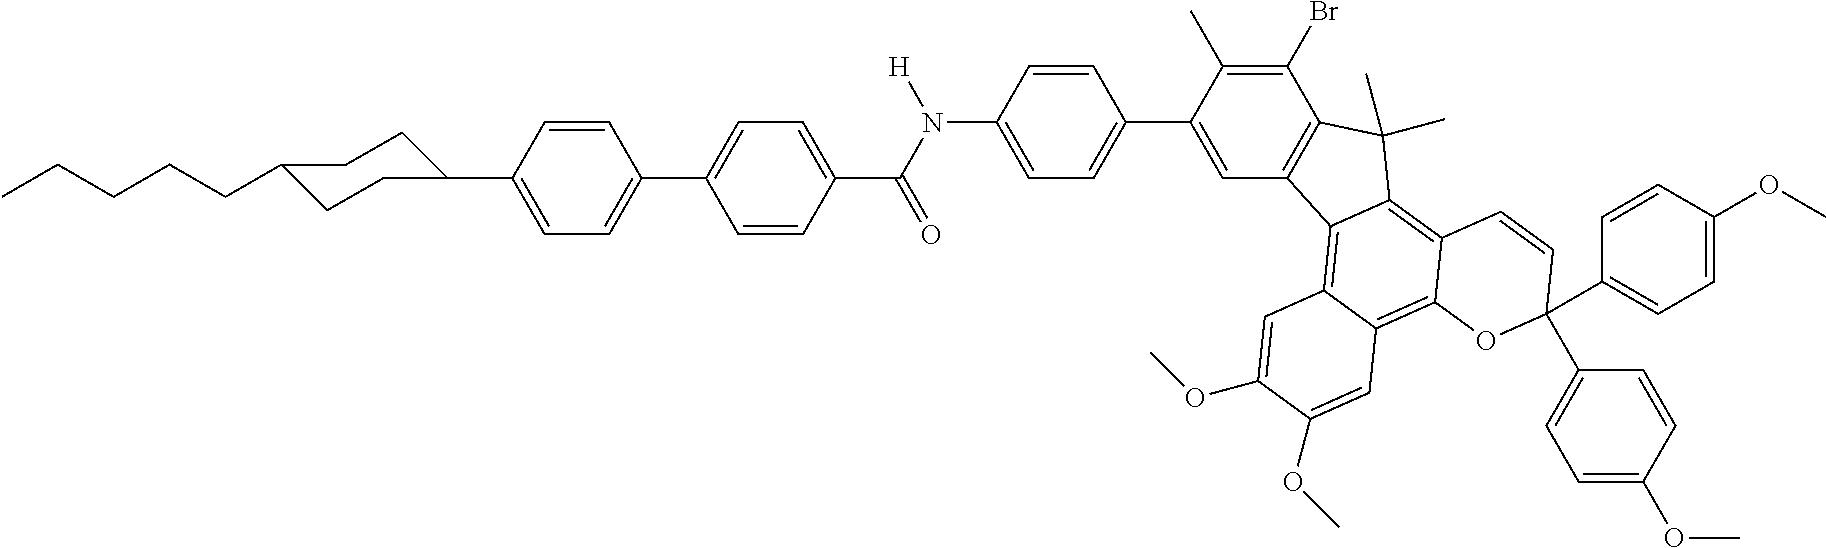 Figure US08545984-20131001-C00023